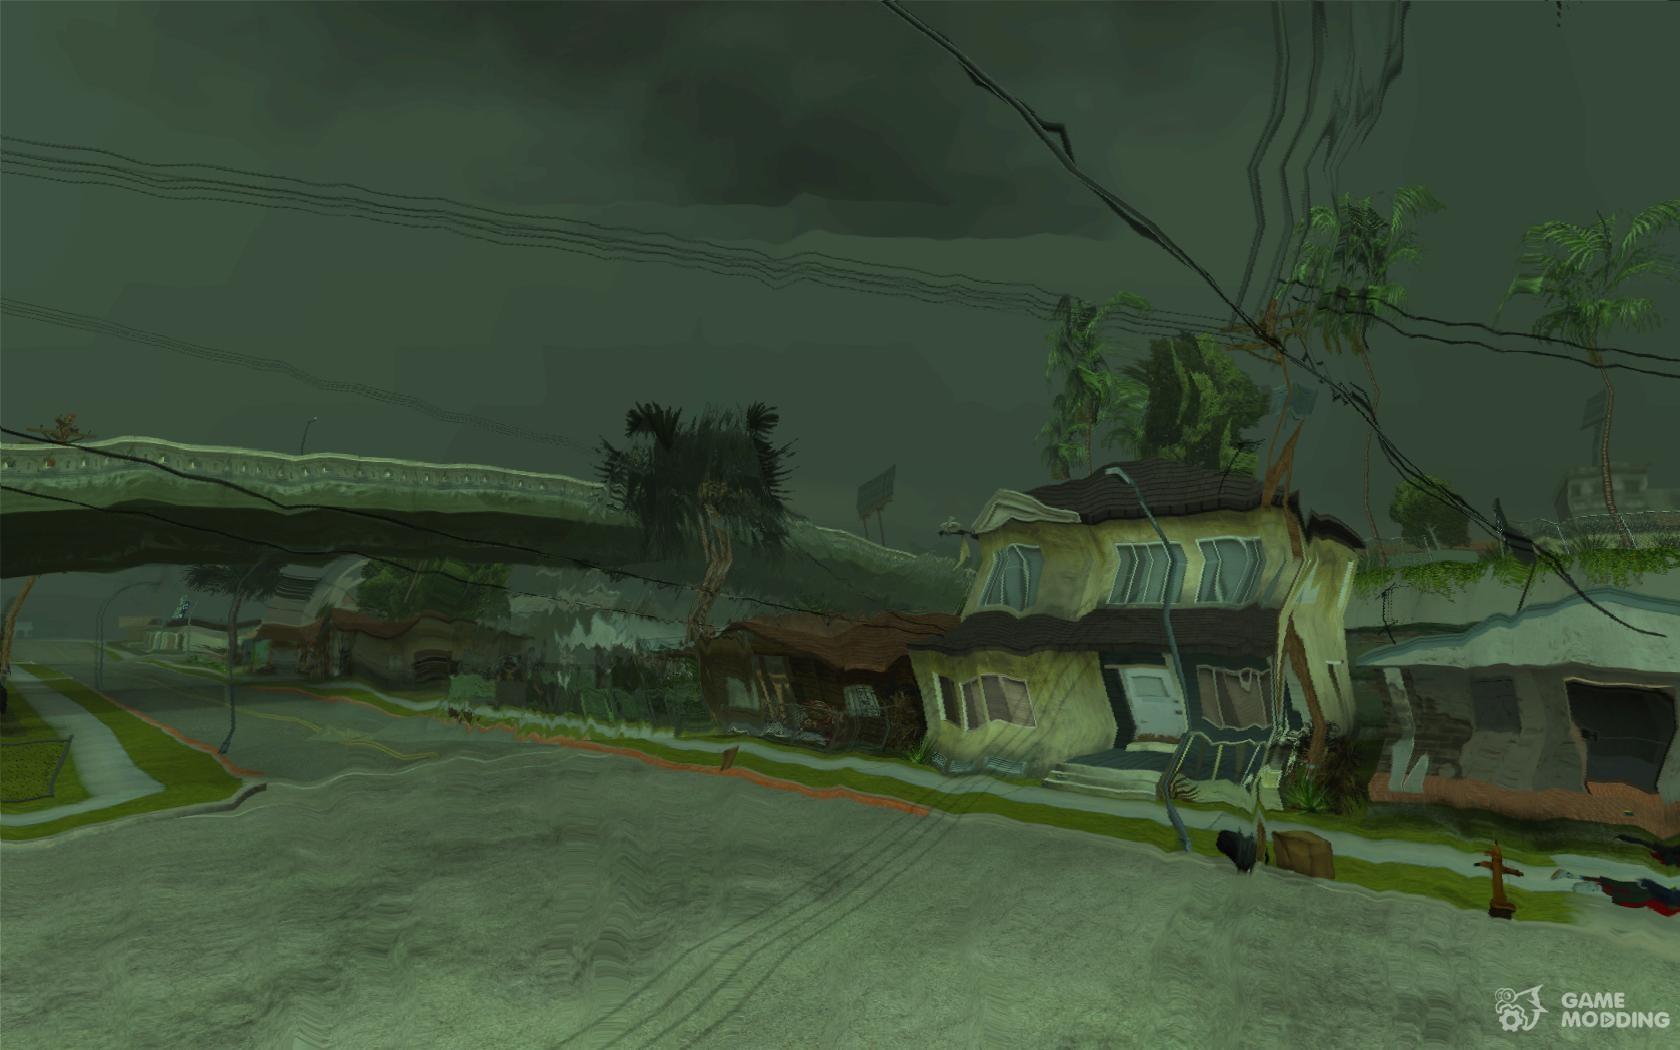 Скачать мод цунами для gta san andreas